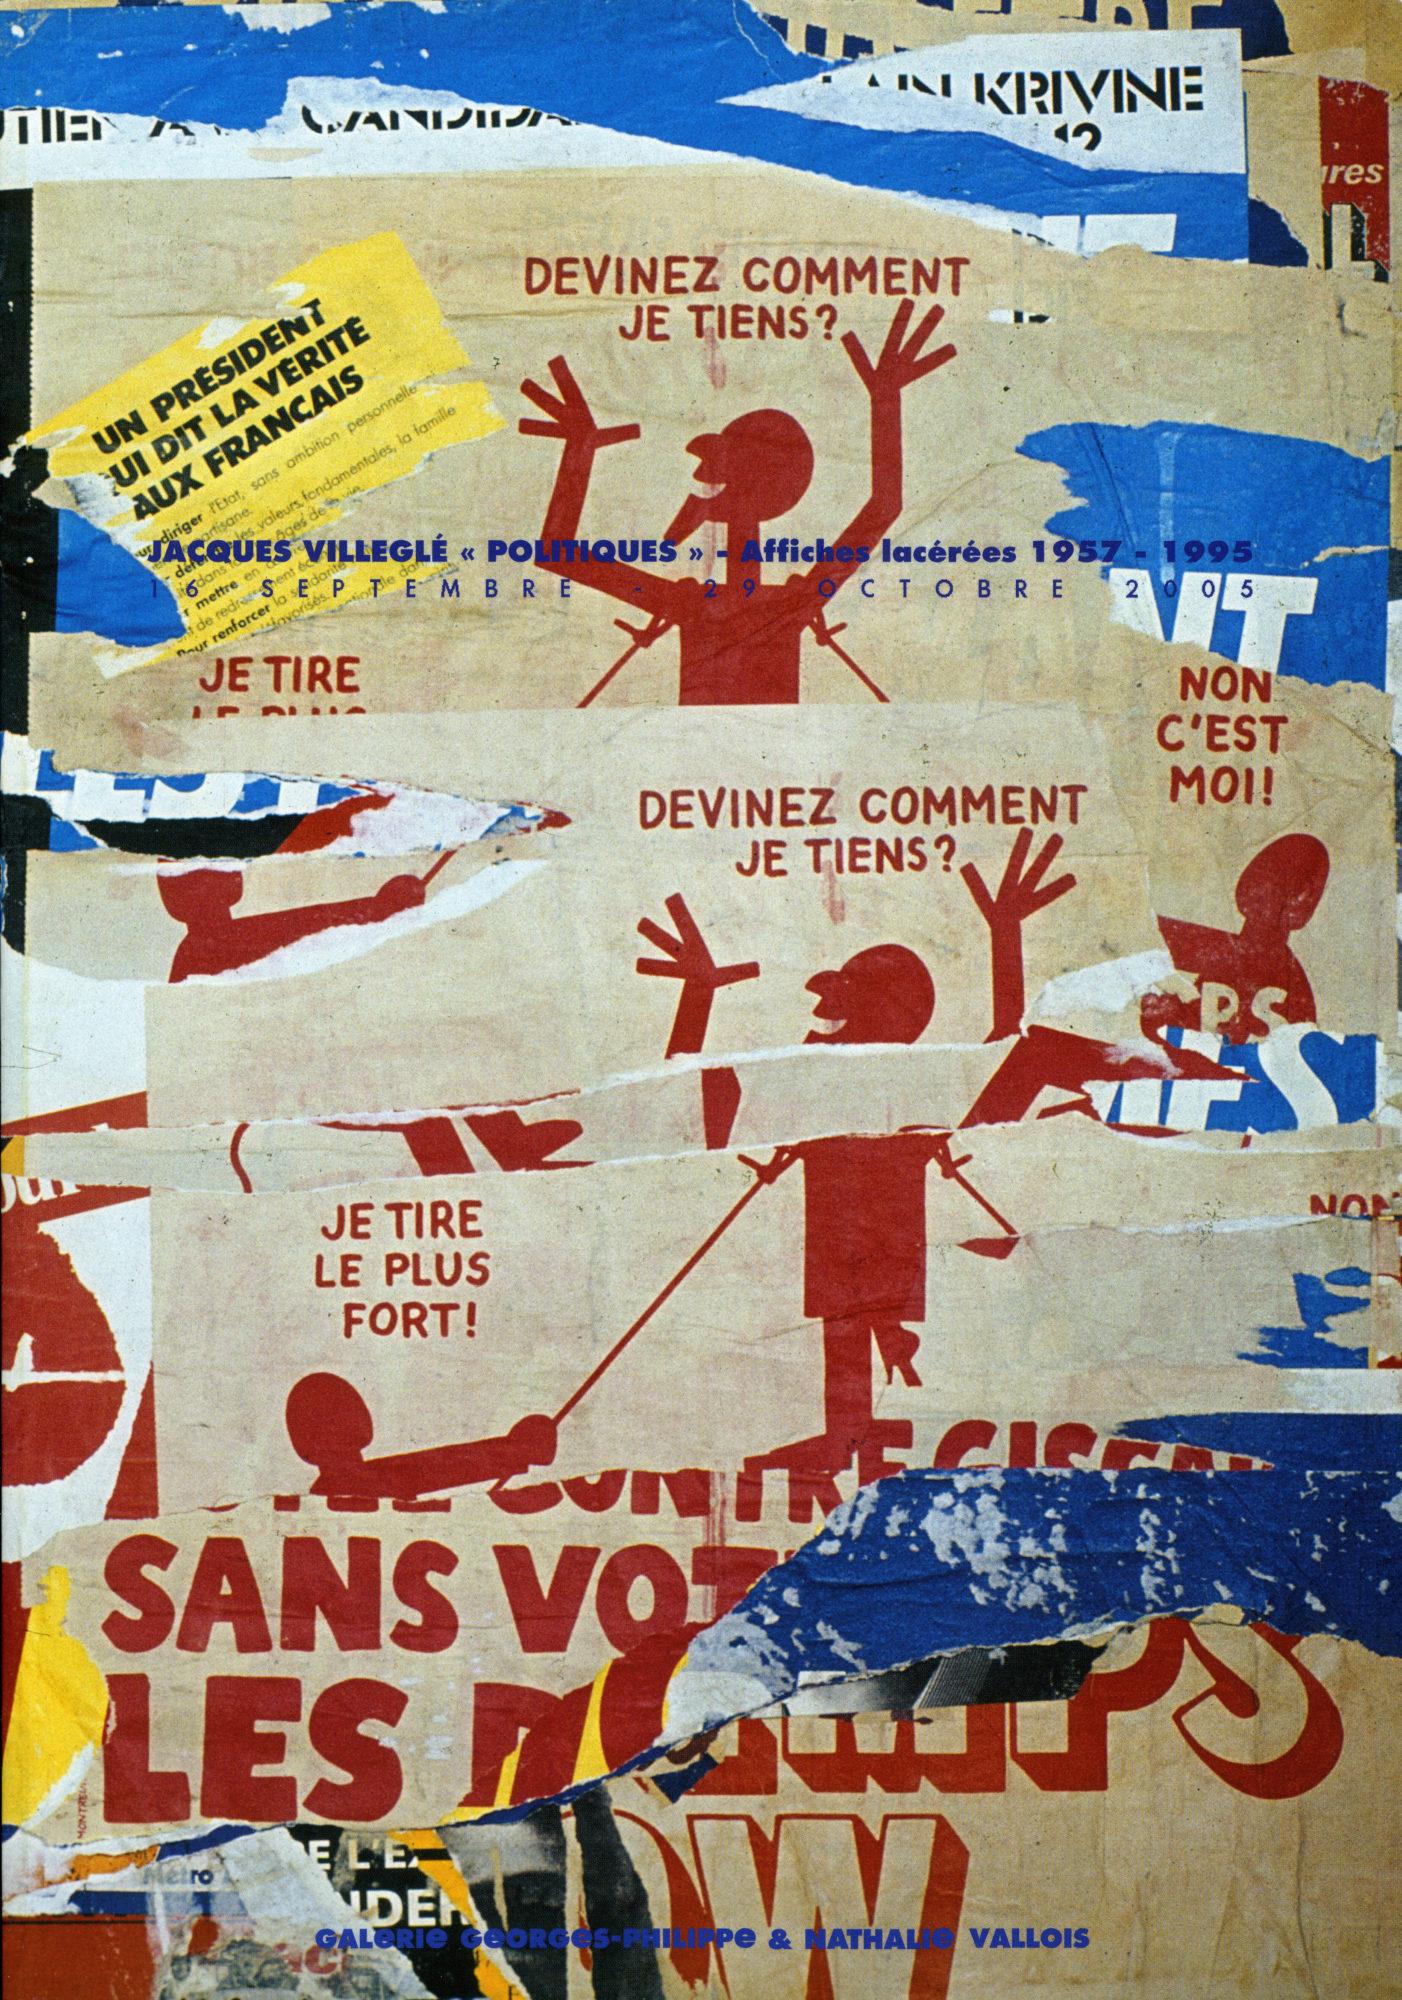 «Politiques» Affiches lacérées 1957-1995 - Galerie Georges-Philippe & Nathalie Vallois